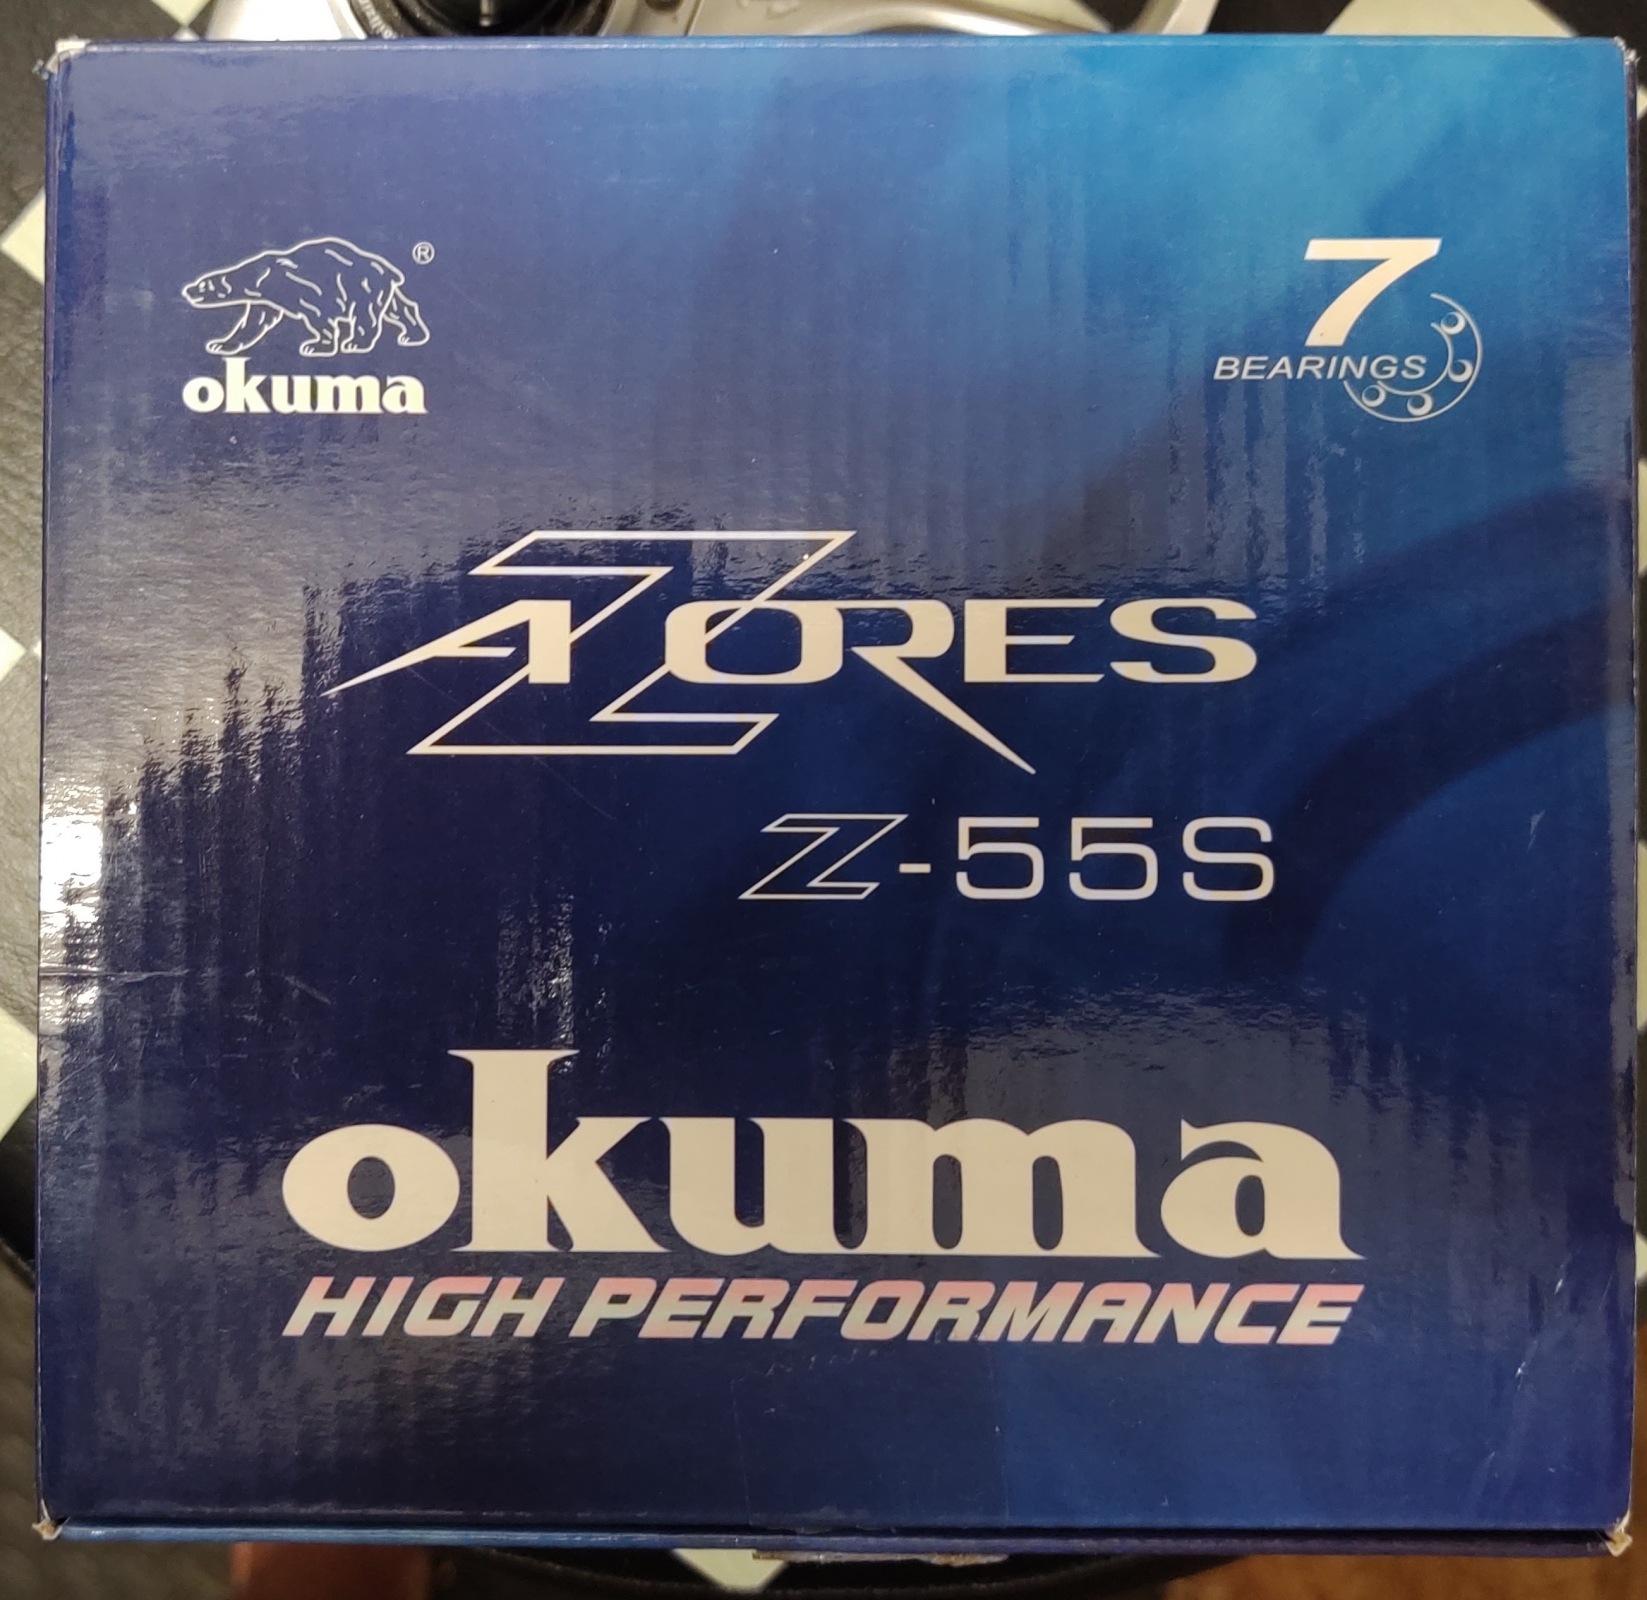 okuma box.jpg